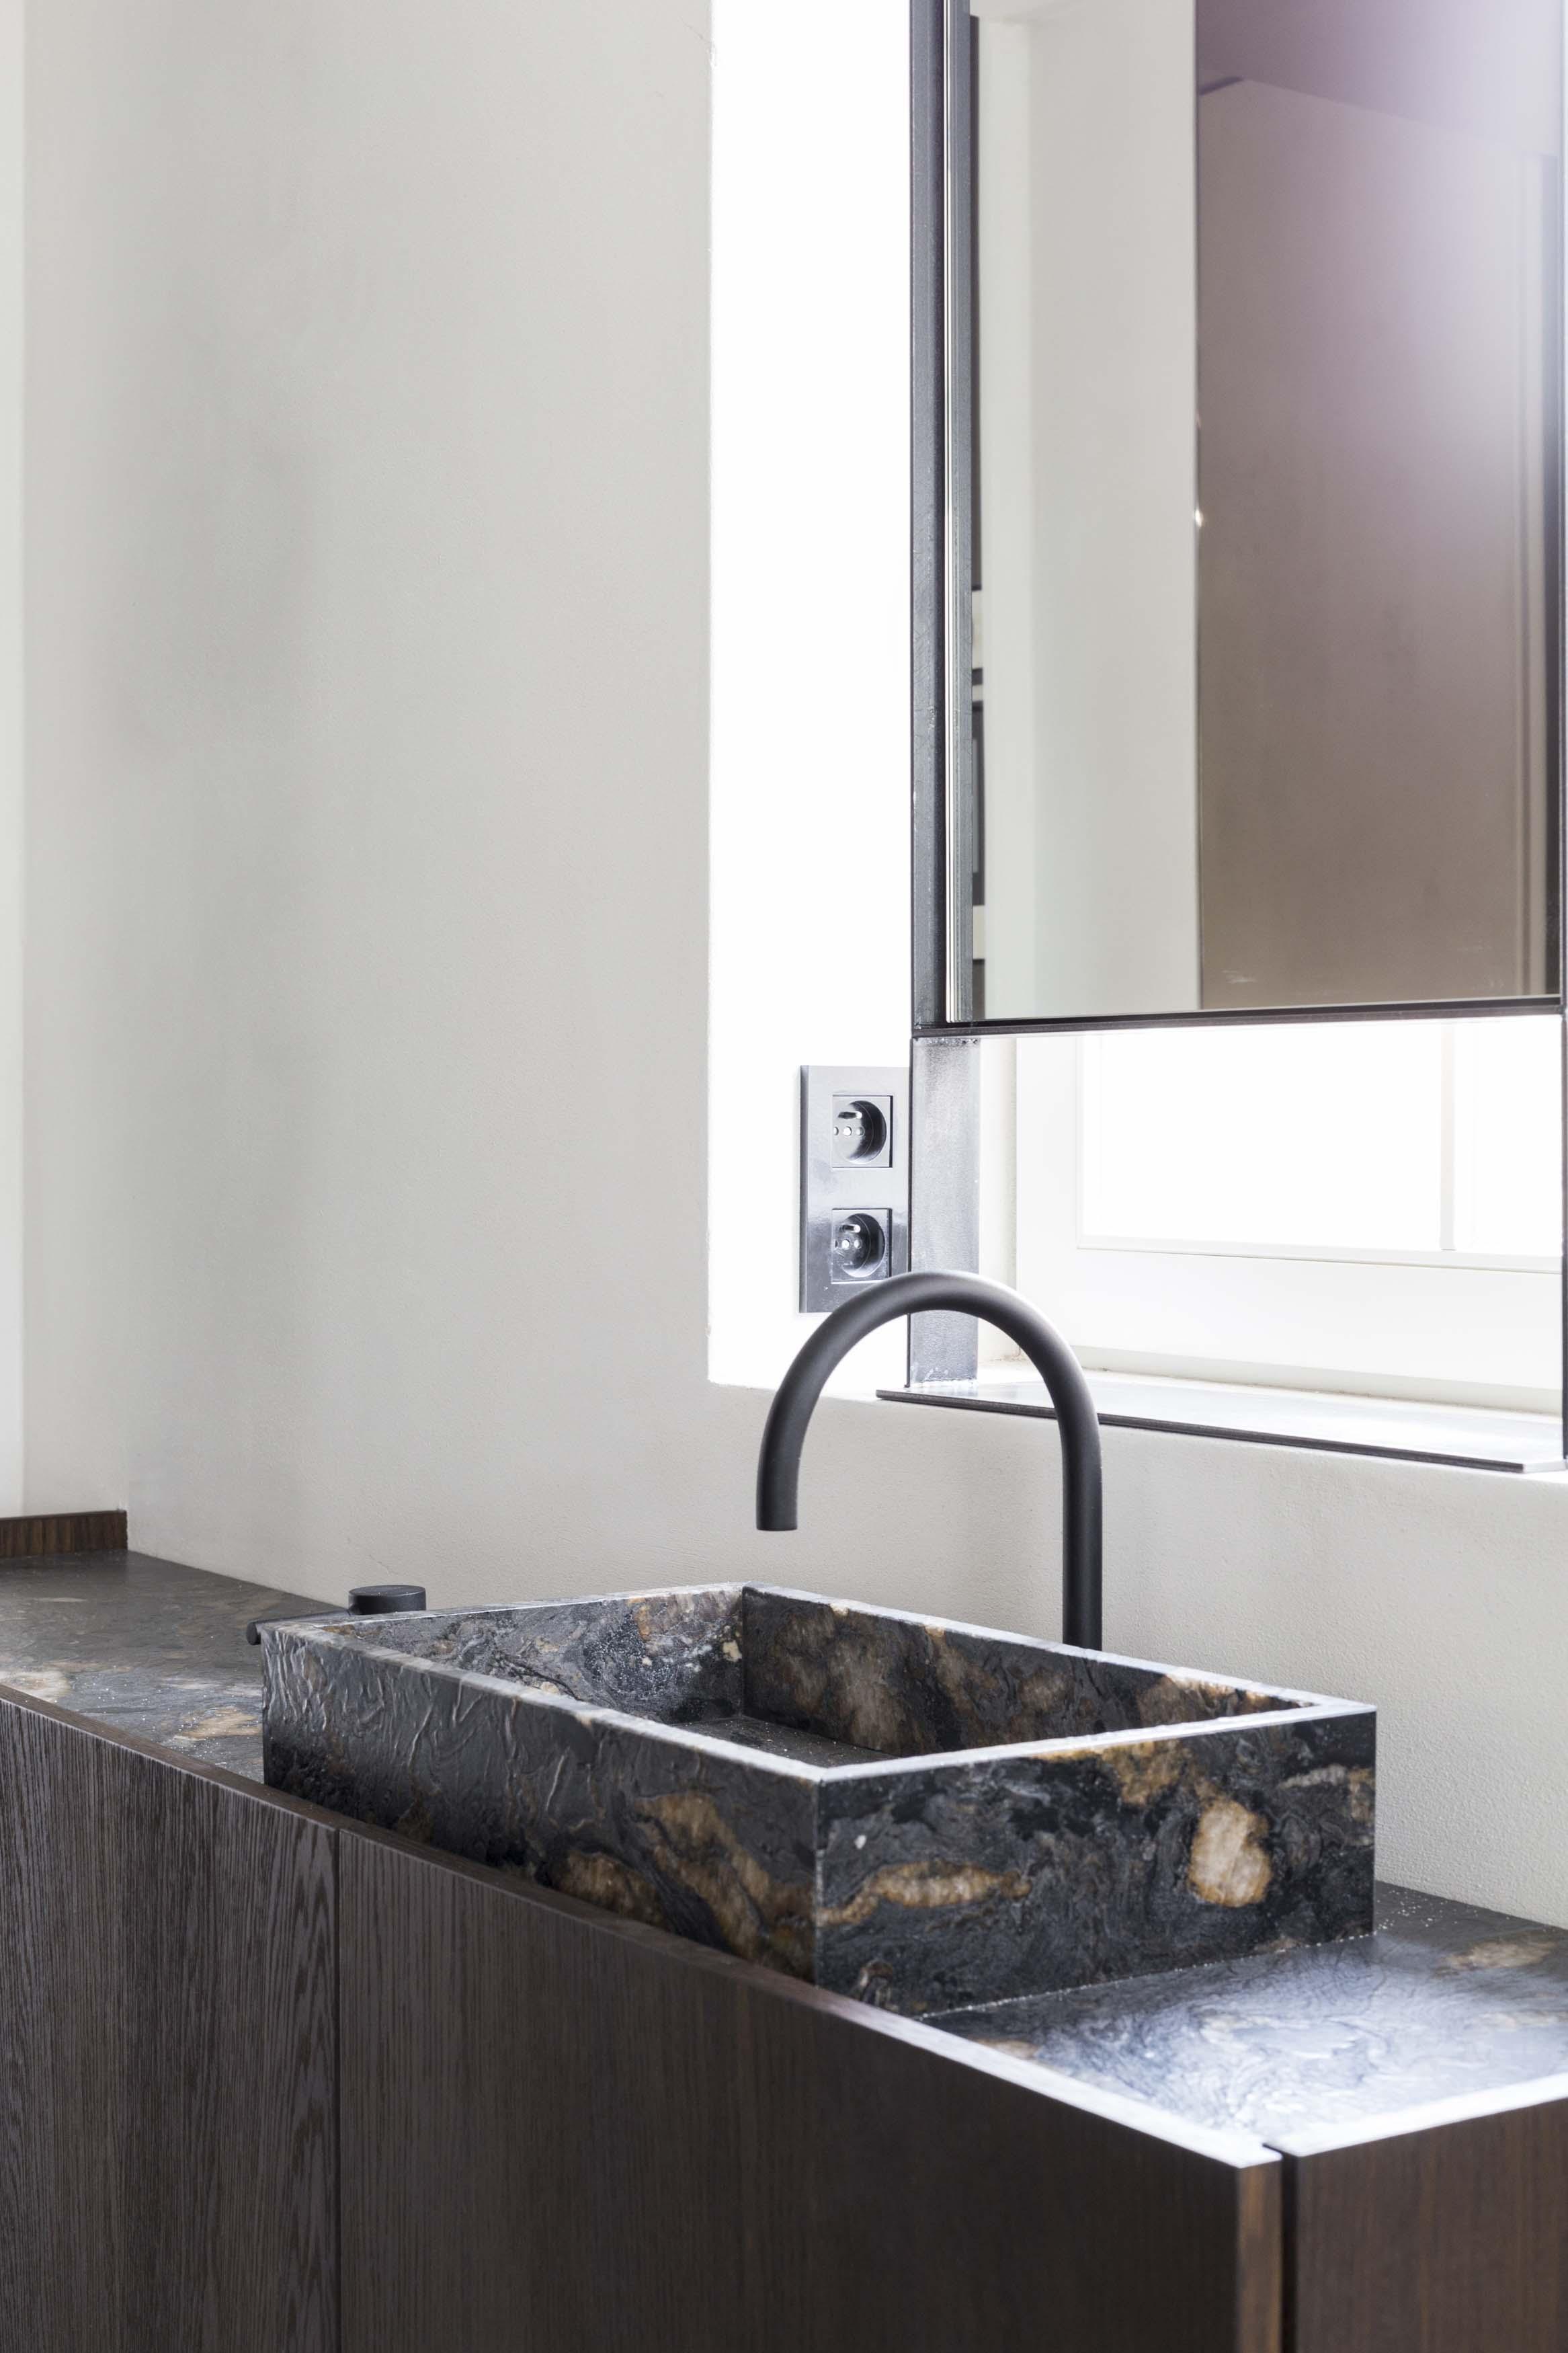 Vanda-projects-interieurinrichting-meubelmakerij-west-vlaanderen-knokke-badkamermeubel